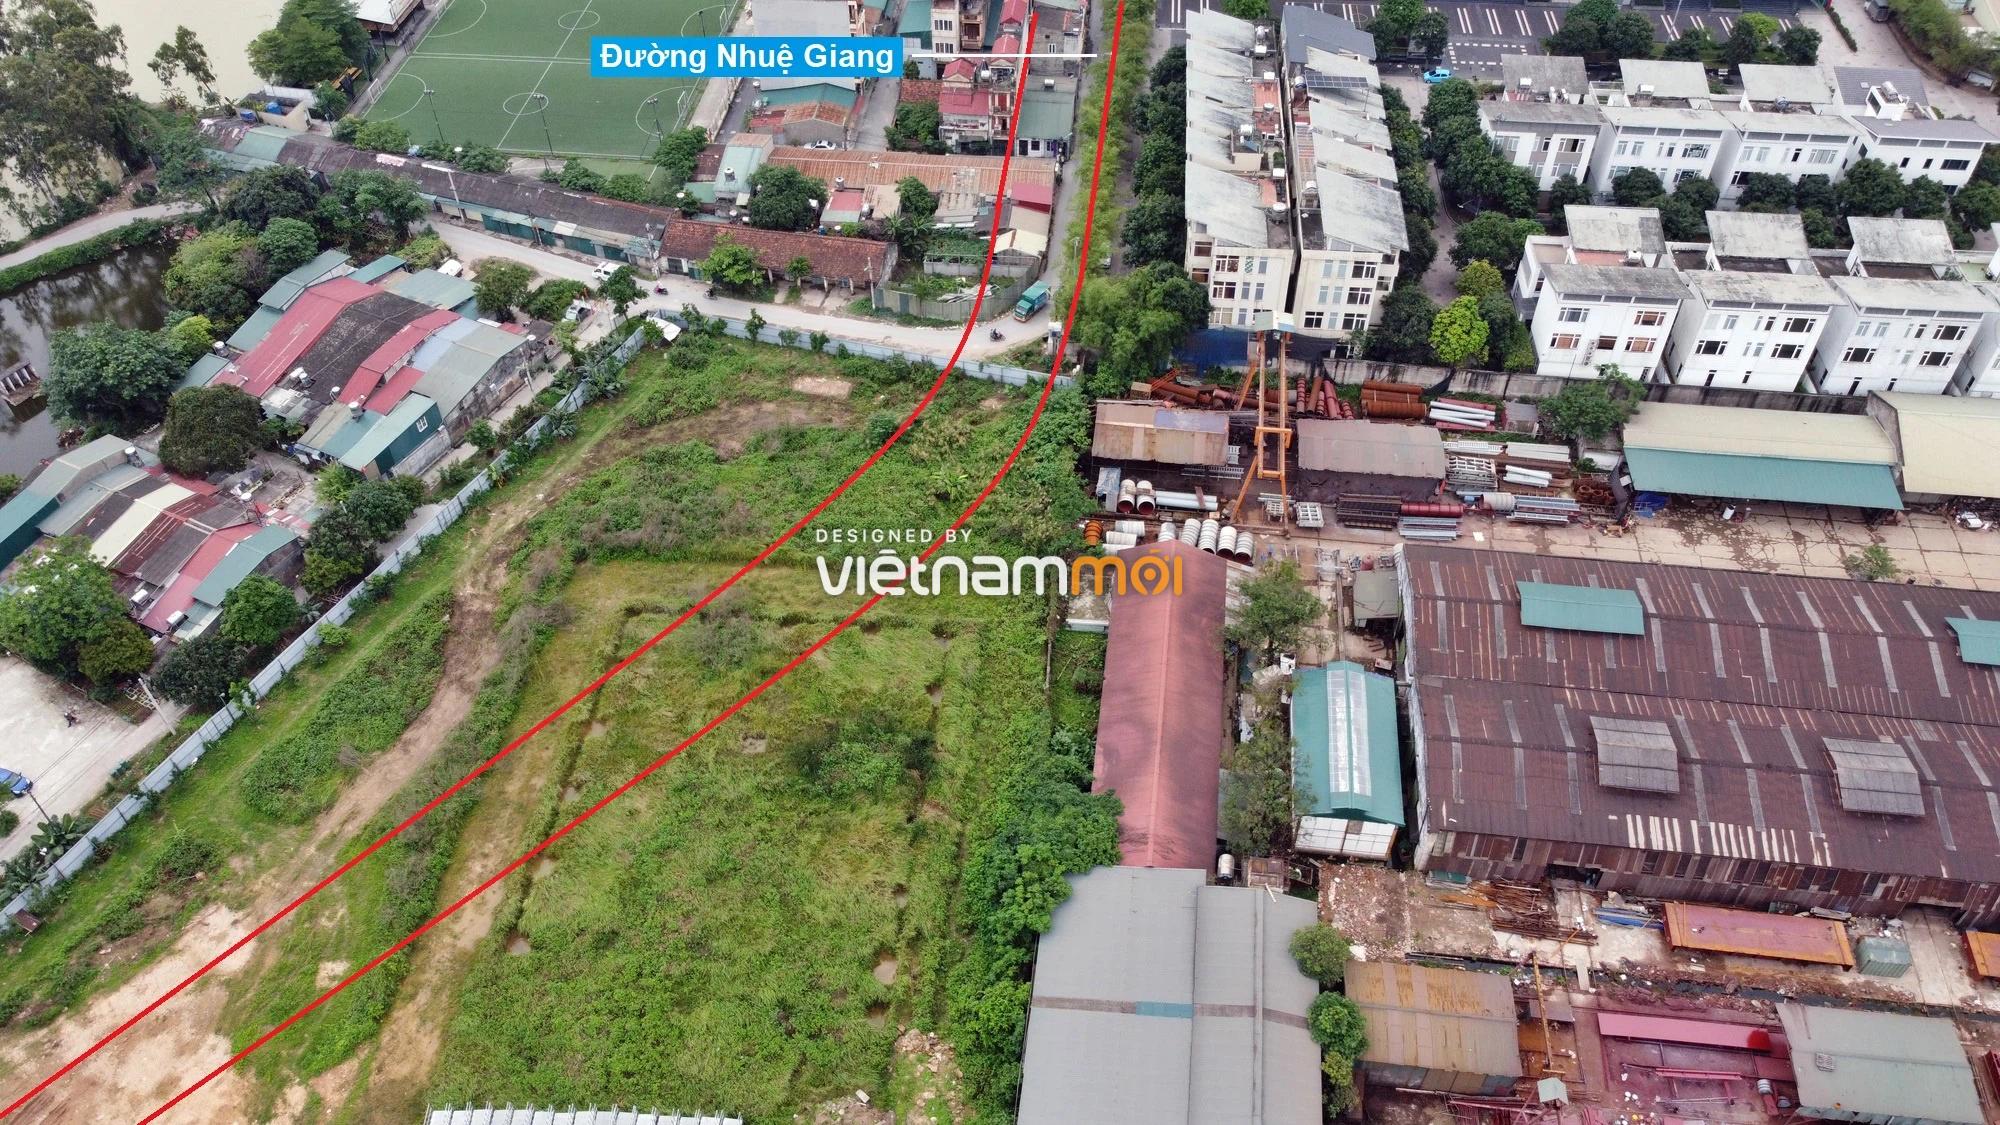 Những khu đất sắp thu hồi để mở đường ở phường Tây Mỗ, Nam Từ Liêm, Hà Nội (phần 2) - Ảnh 9.